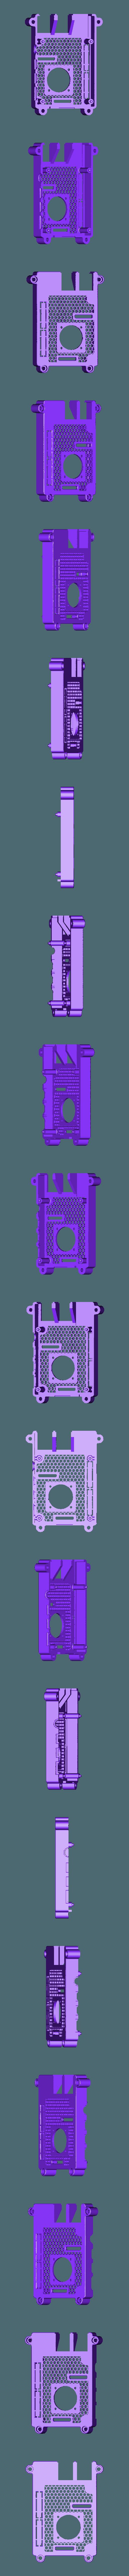 STANDARD_25MM_SLOTTED.STL Télécharger fichier STL gratuit Étui Pi 4B Framboise Framboise • Objet pour imprimante 3D, mkellsy